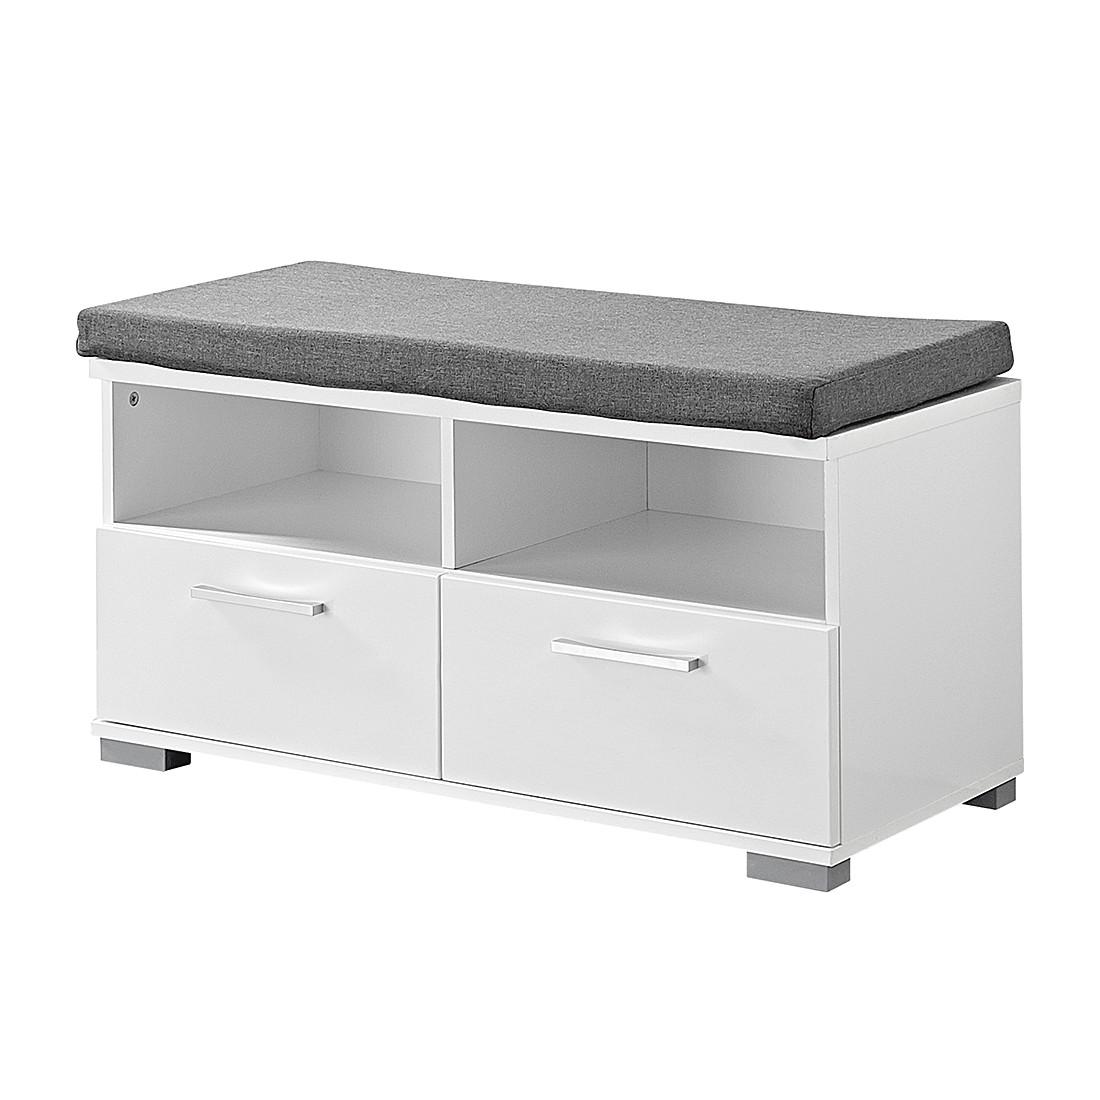 bank 90 cm breit awesome und bank with bank 90 cm breit bank sitzer modena gartenbank robinie. Black Bedroom Furniture Sets. Home Design Ideas